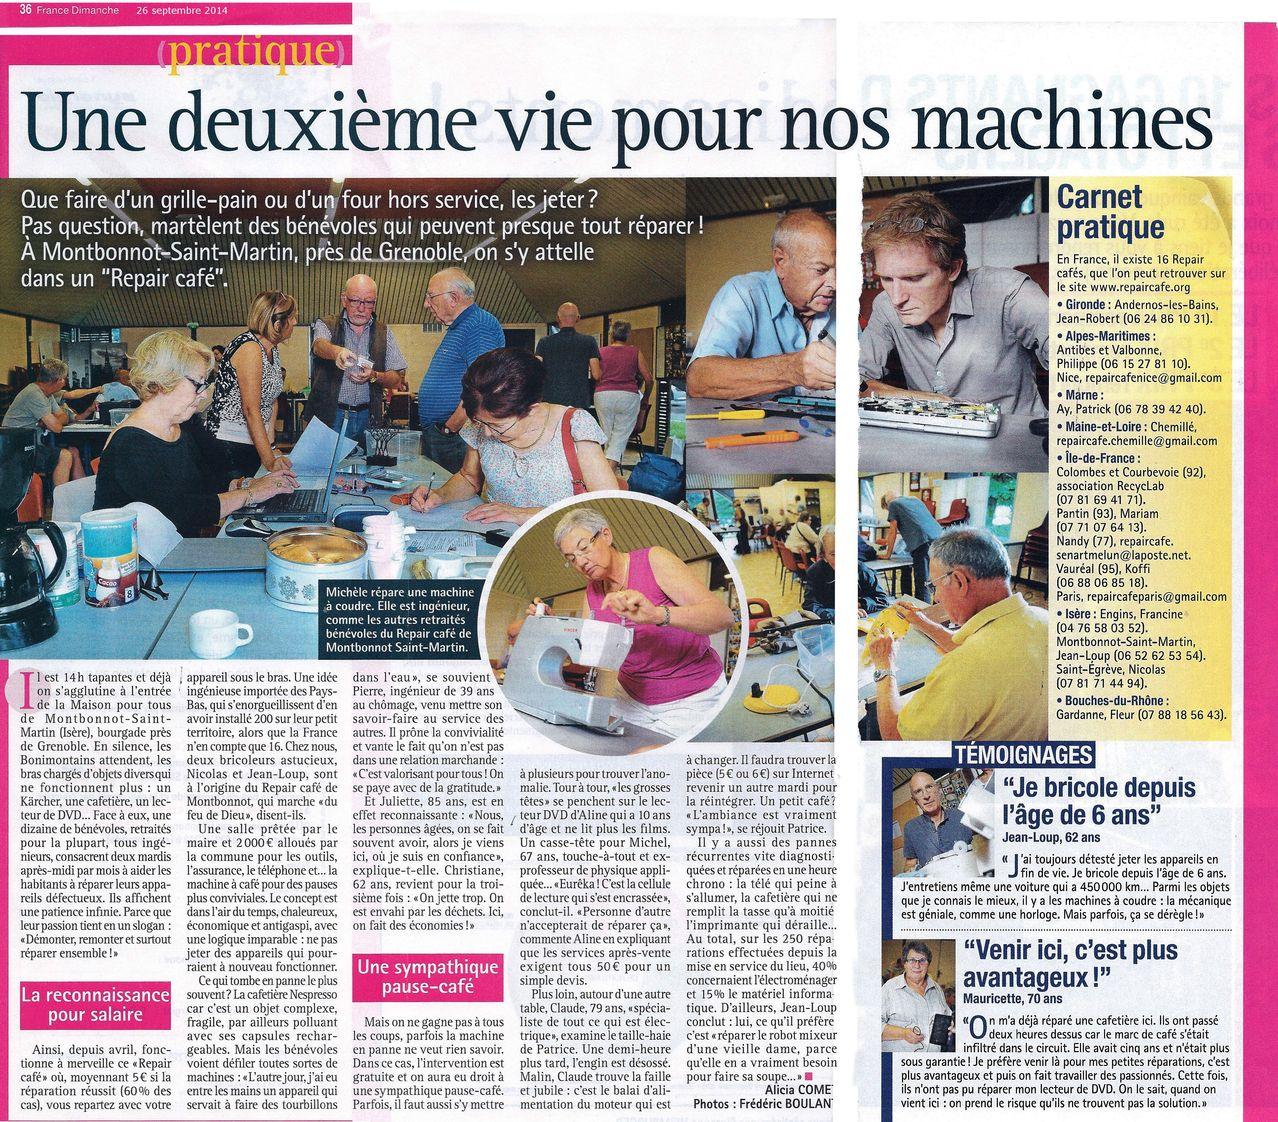 2014-09-26 France Dimanche_3